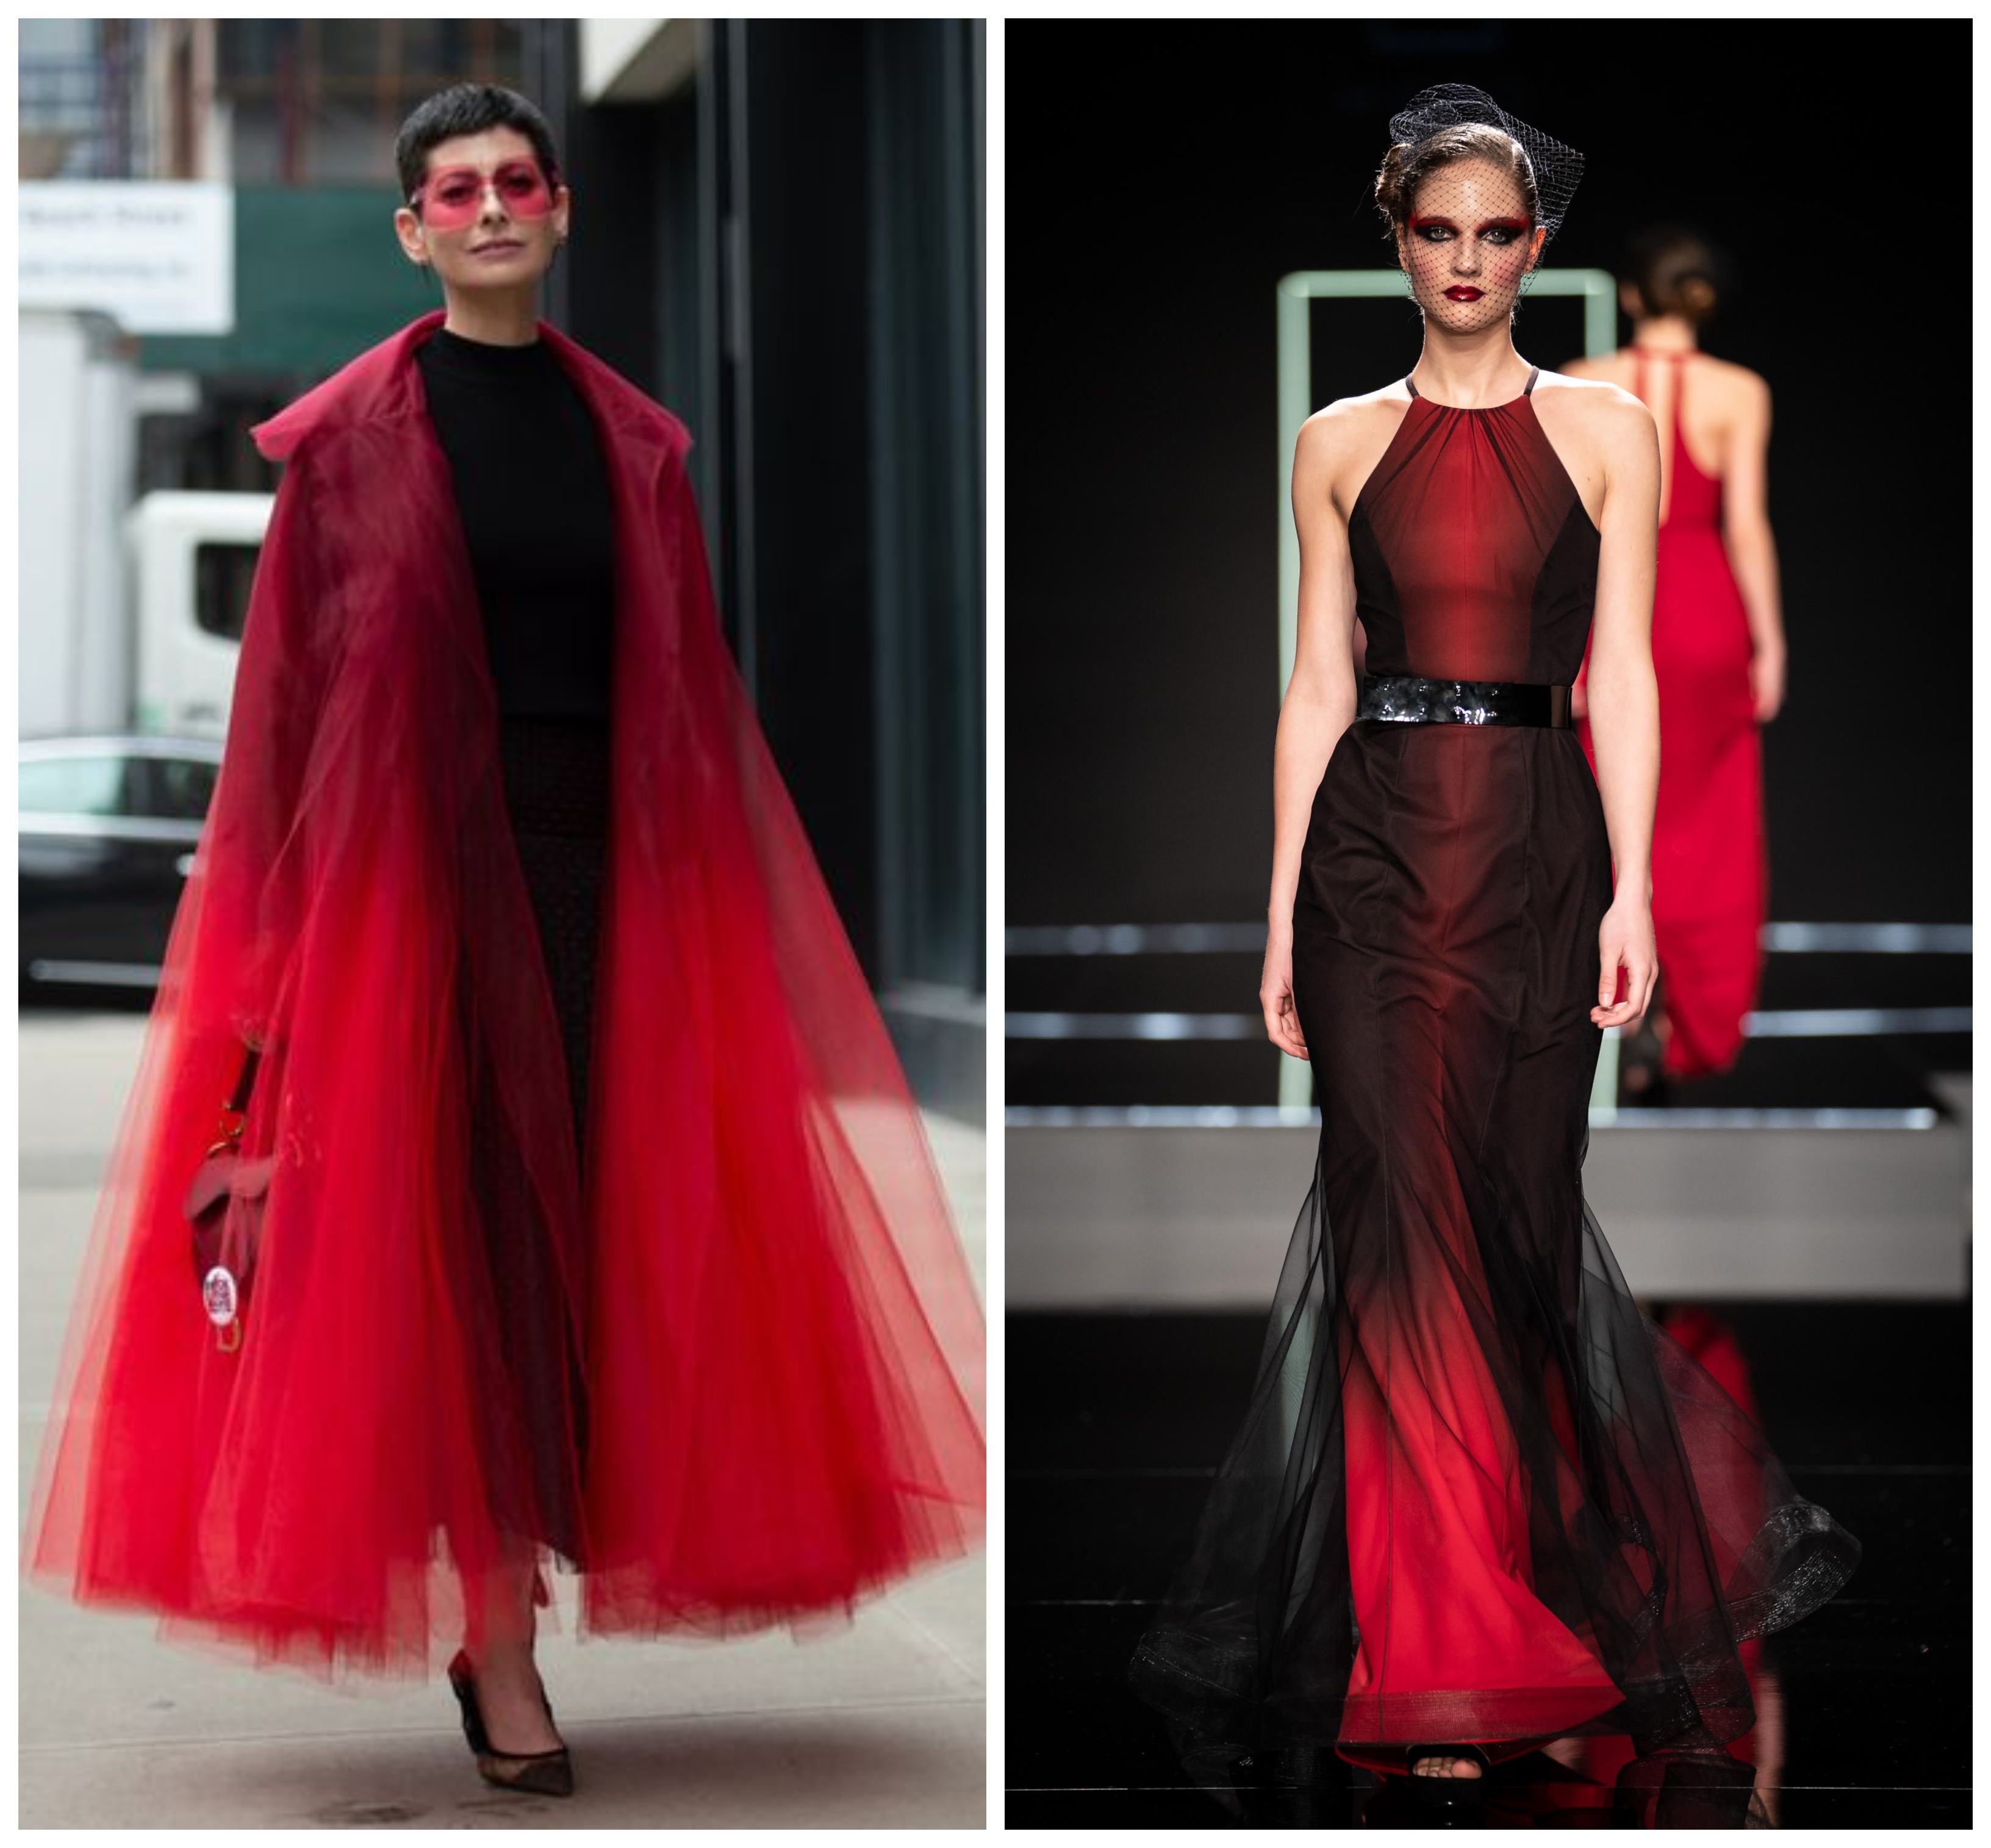 Oscar de la Renta csodás kabátját több blogger is felvonultatta a divatheteken, de nekünk is van csodás piros-fekete színátmenetes darabunk, méghozzá Merő Péter tervezőtől.